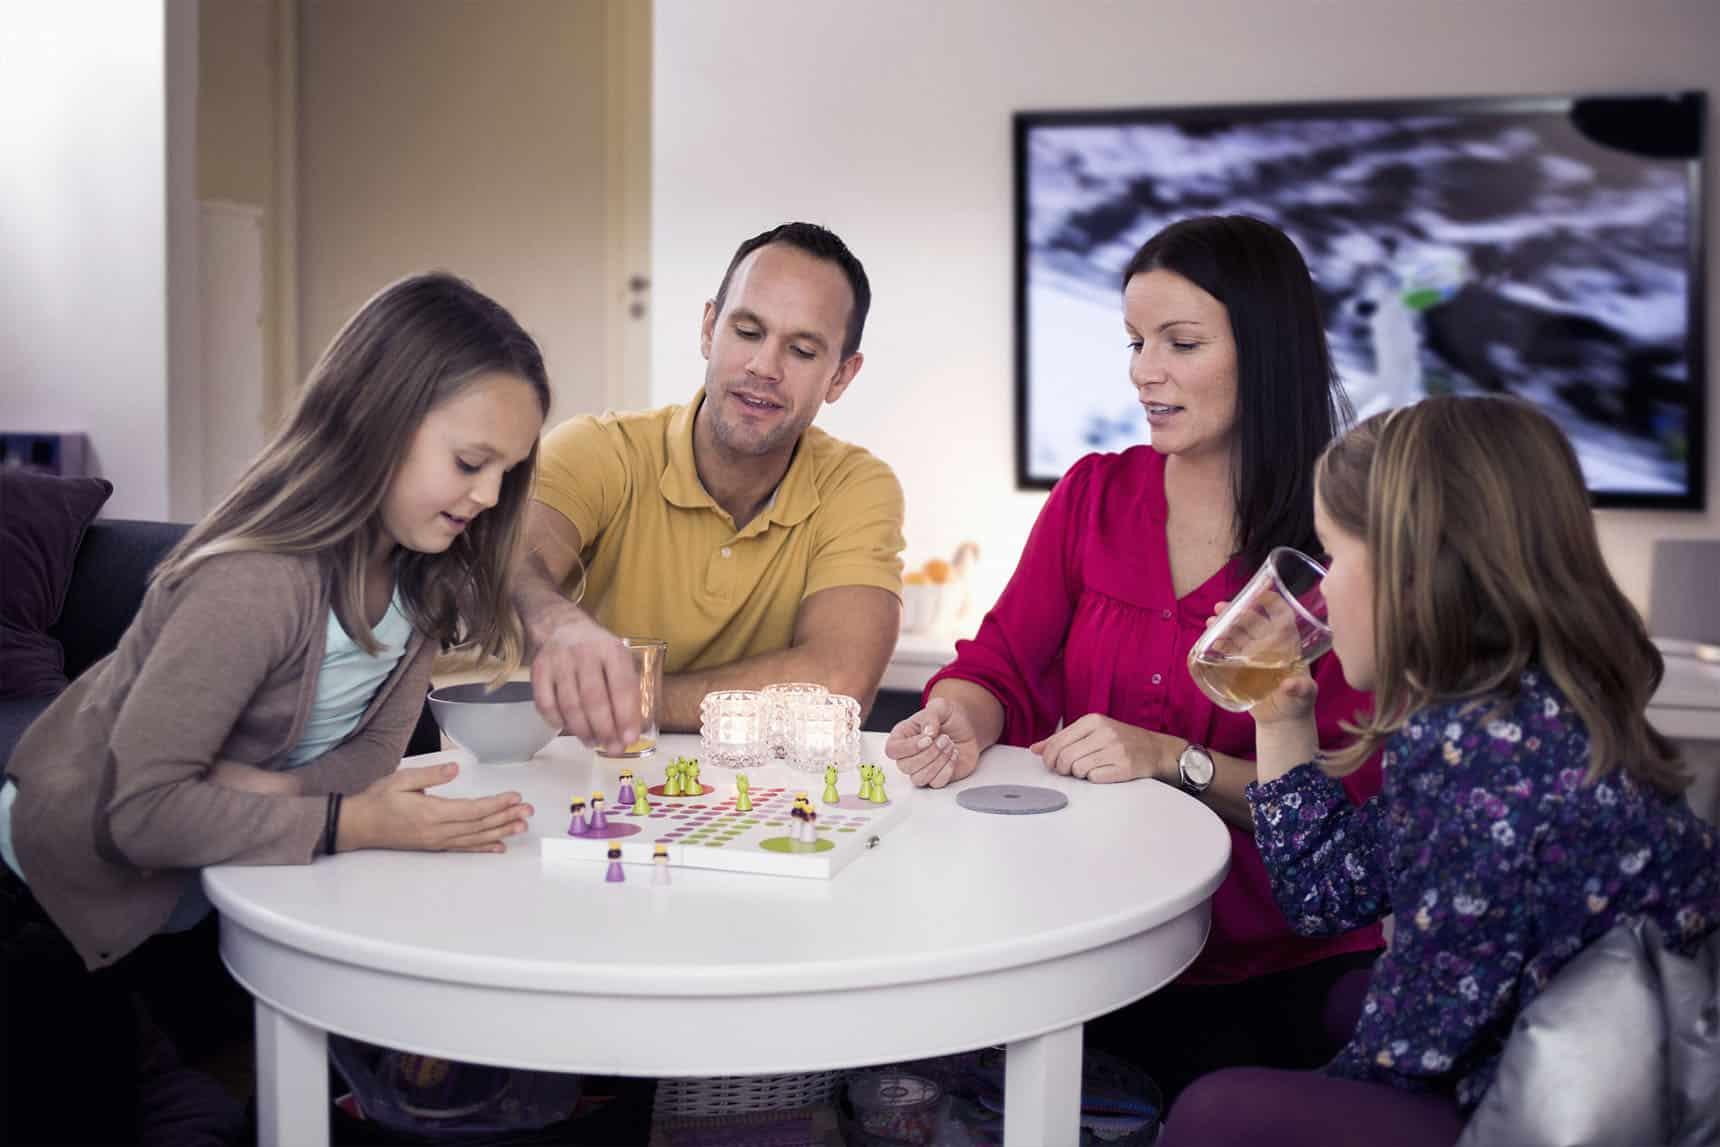 Los 10 Mejores Juegos De Mesa Para Jugar En Familia Juegos De Mesa